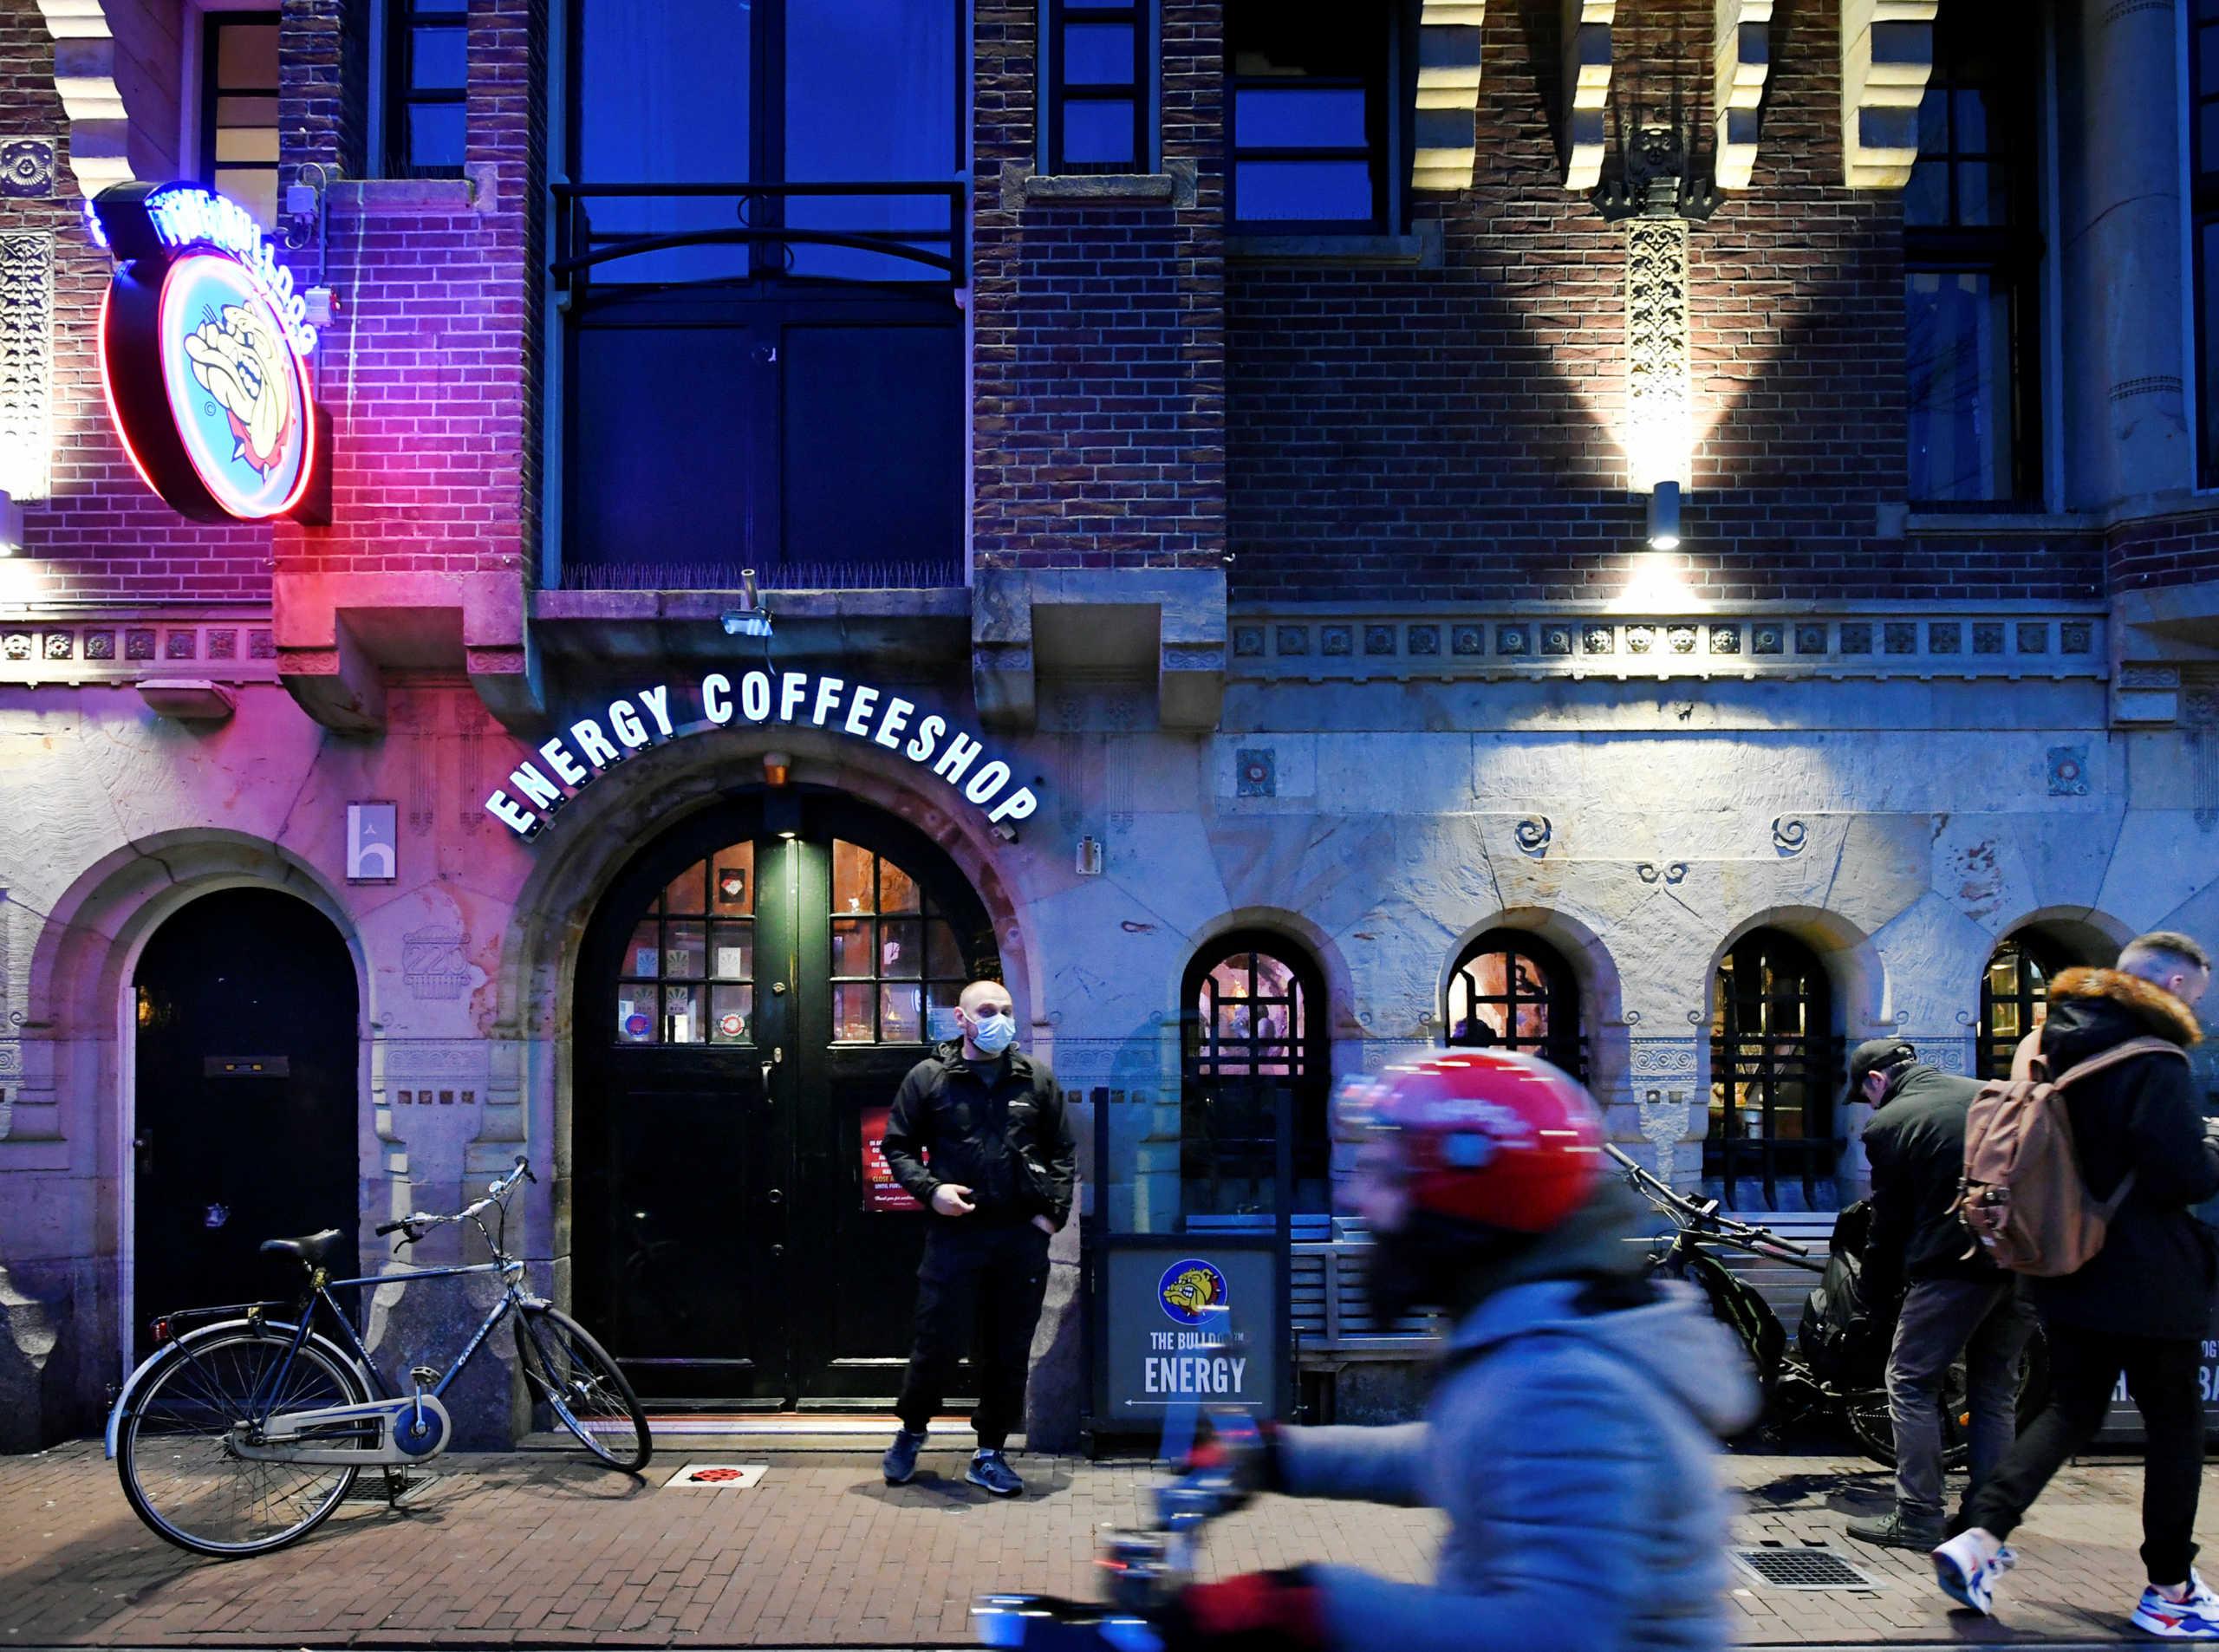 Ποια αντισηπτικά; Ουρές για μαριχουάνα στην Ολλανδία